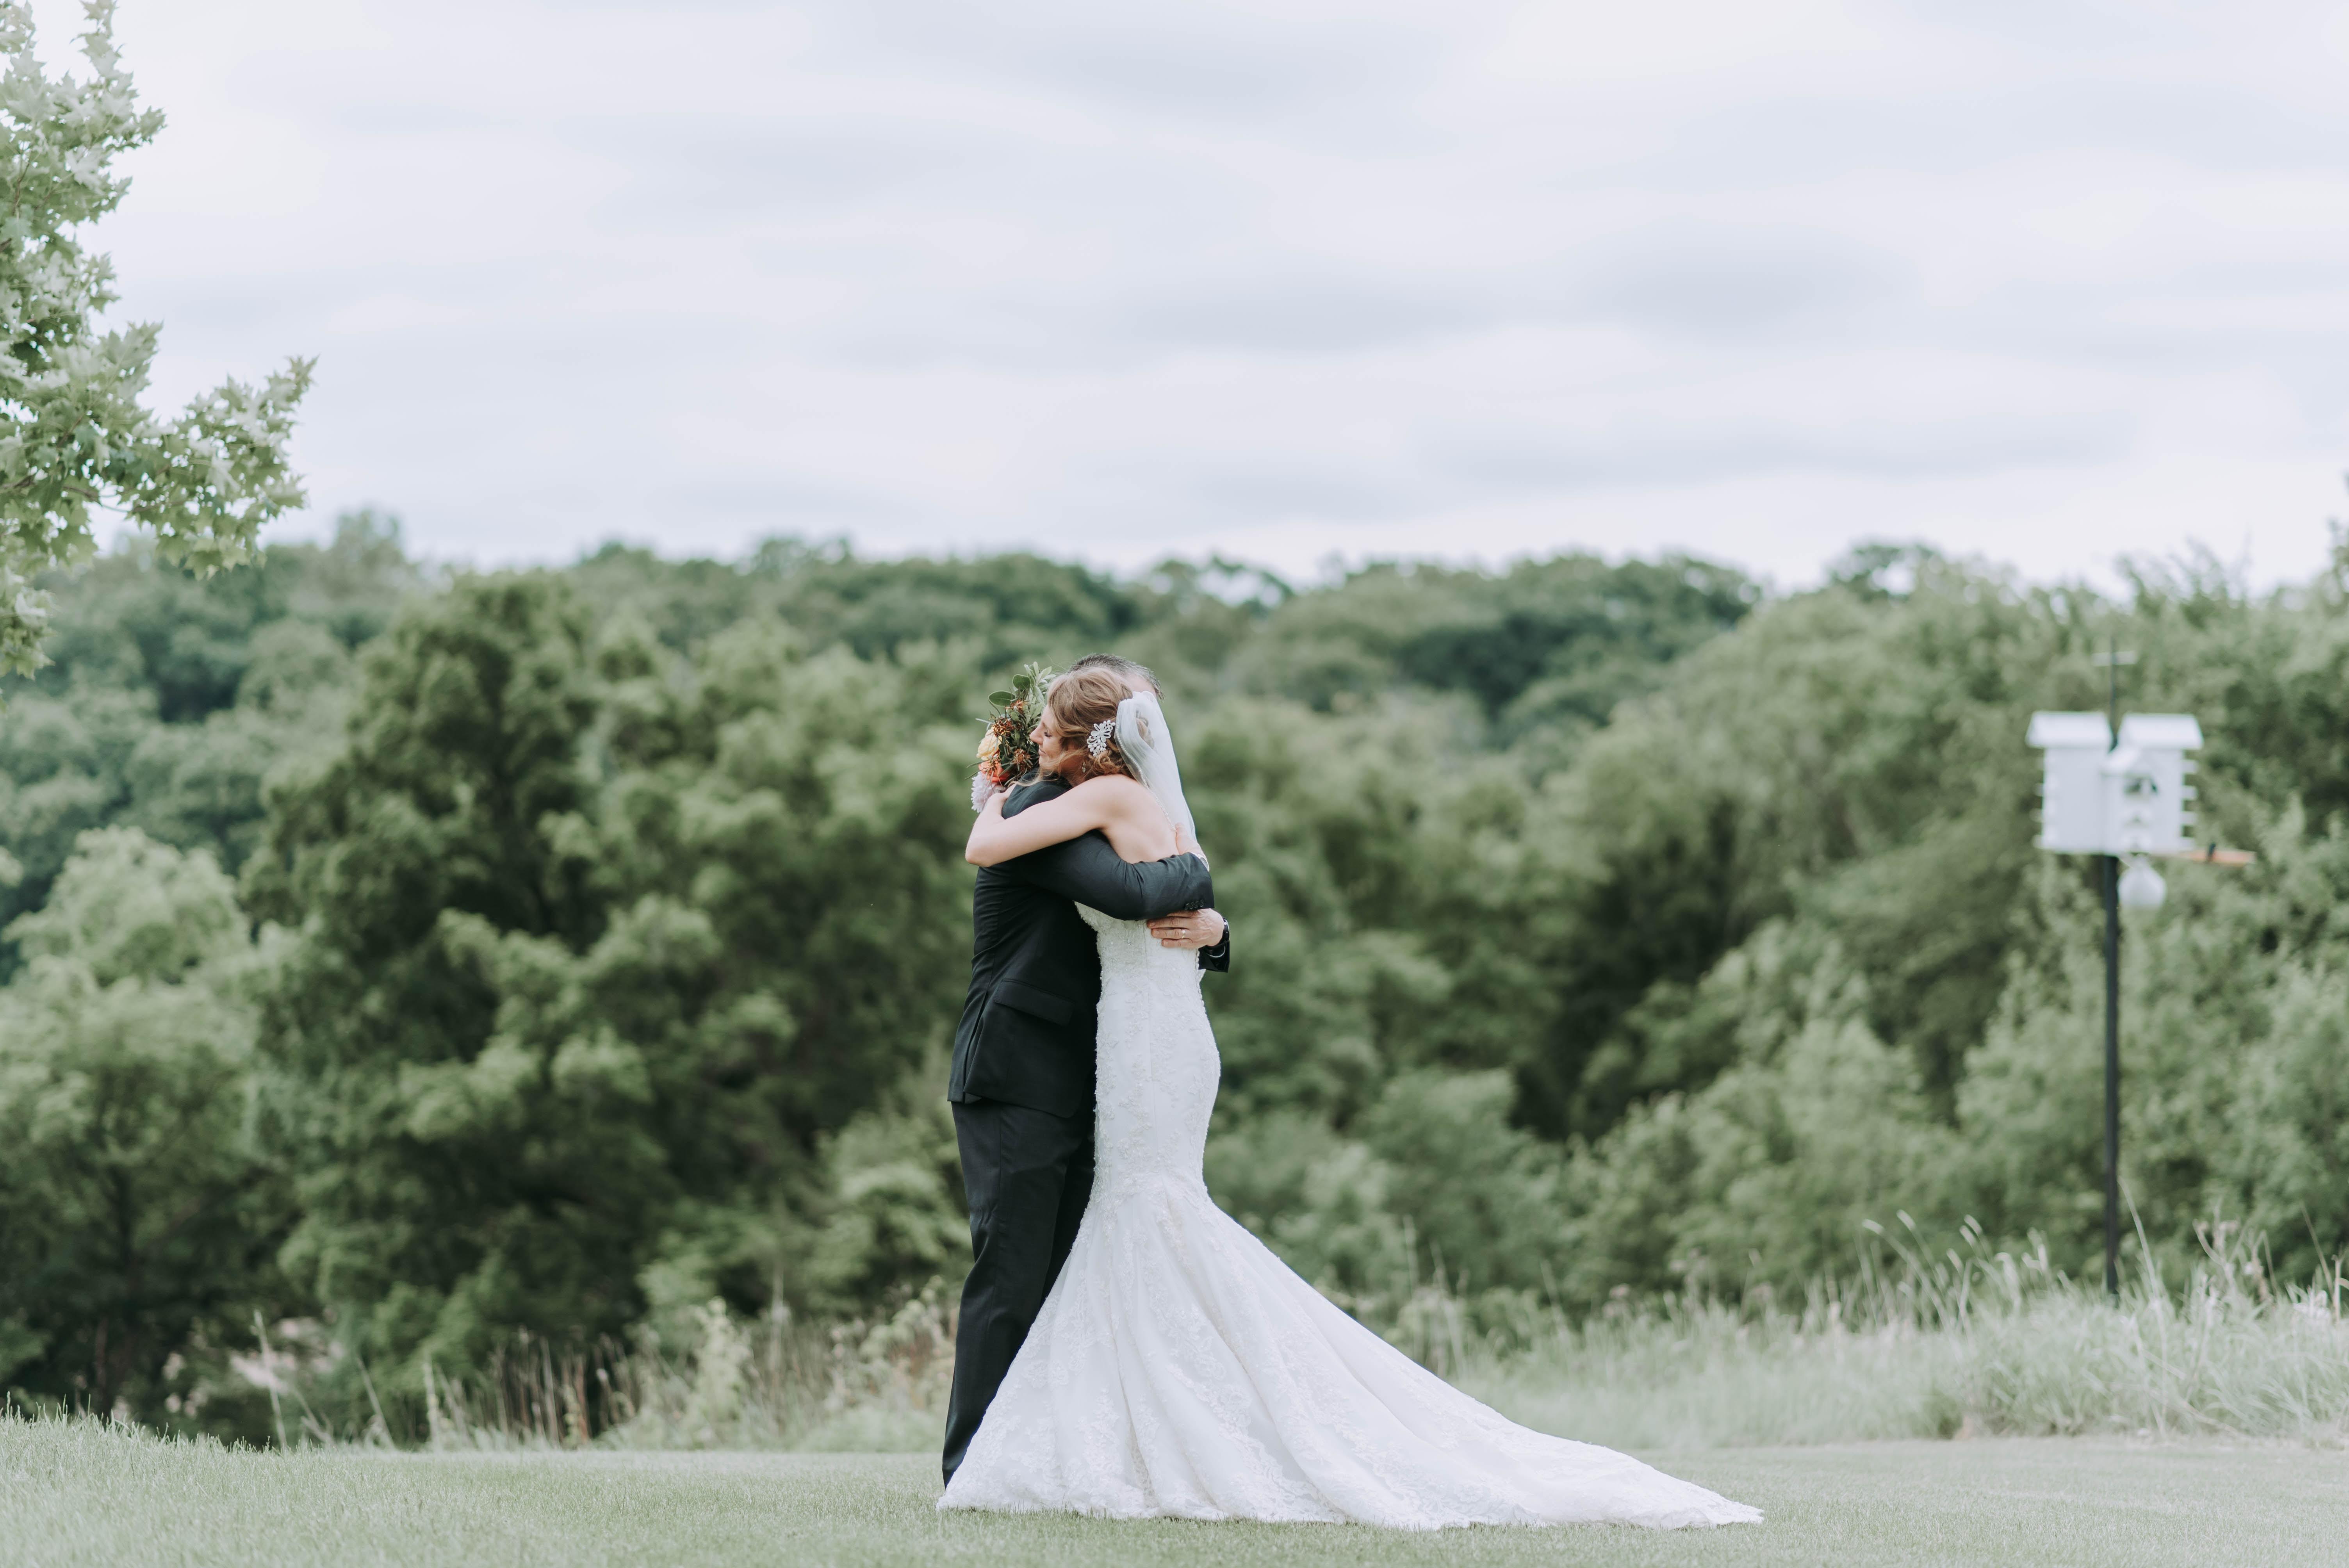 Jake and Jen's wedding